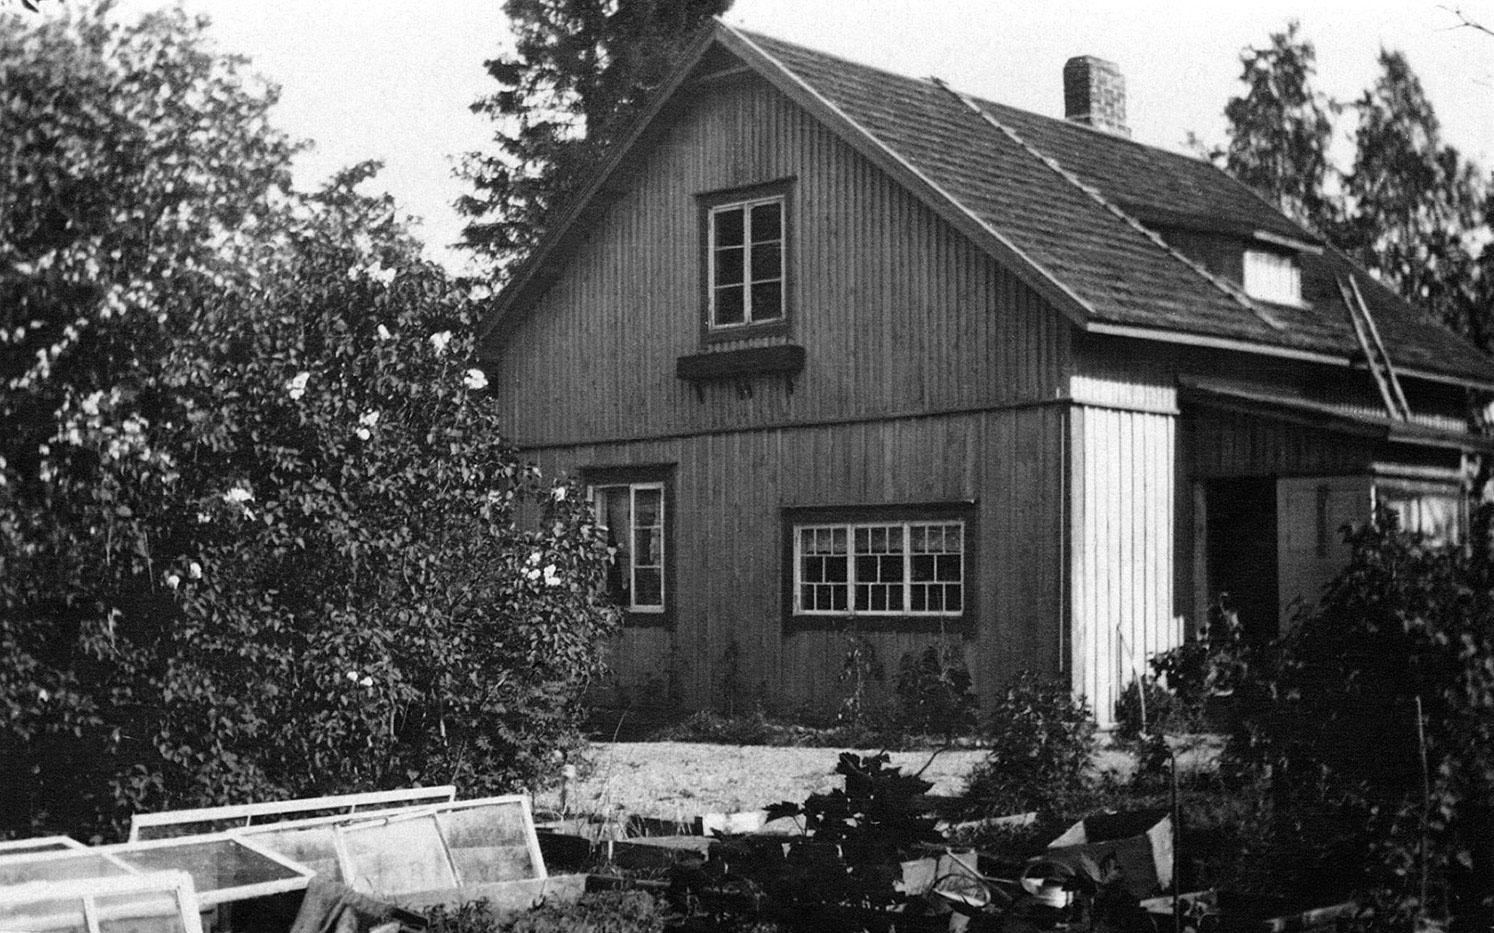 1930-luvulla mökkipihaa peittivät lukuisat lasiset kasvilavat